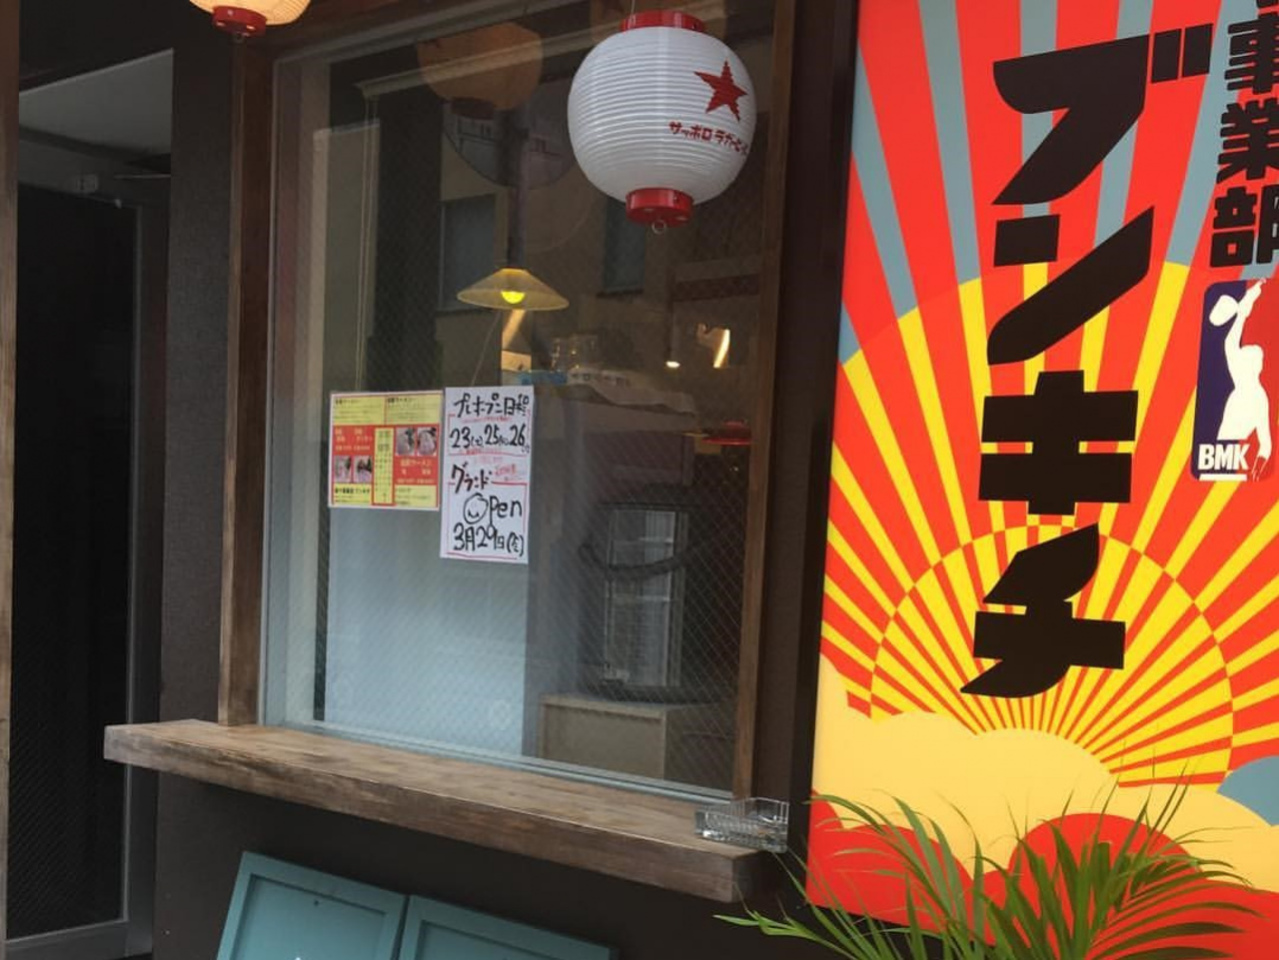 沖縄県那覇市安里に「麺ヤ事業部 ブンキチ」が本日グランドオープンのようです。